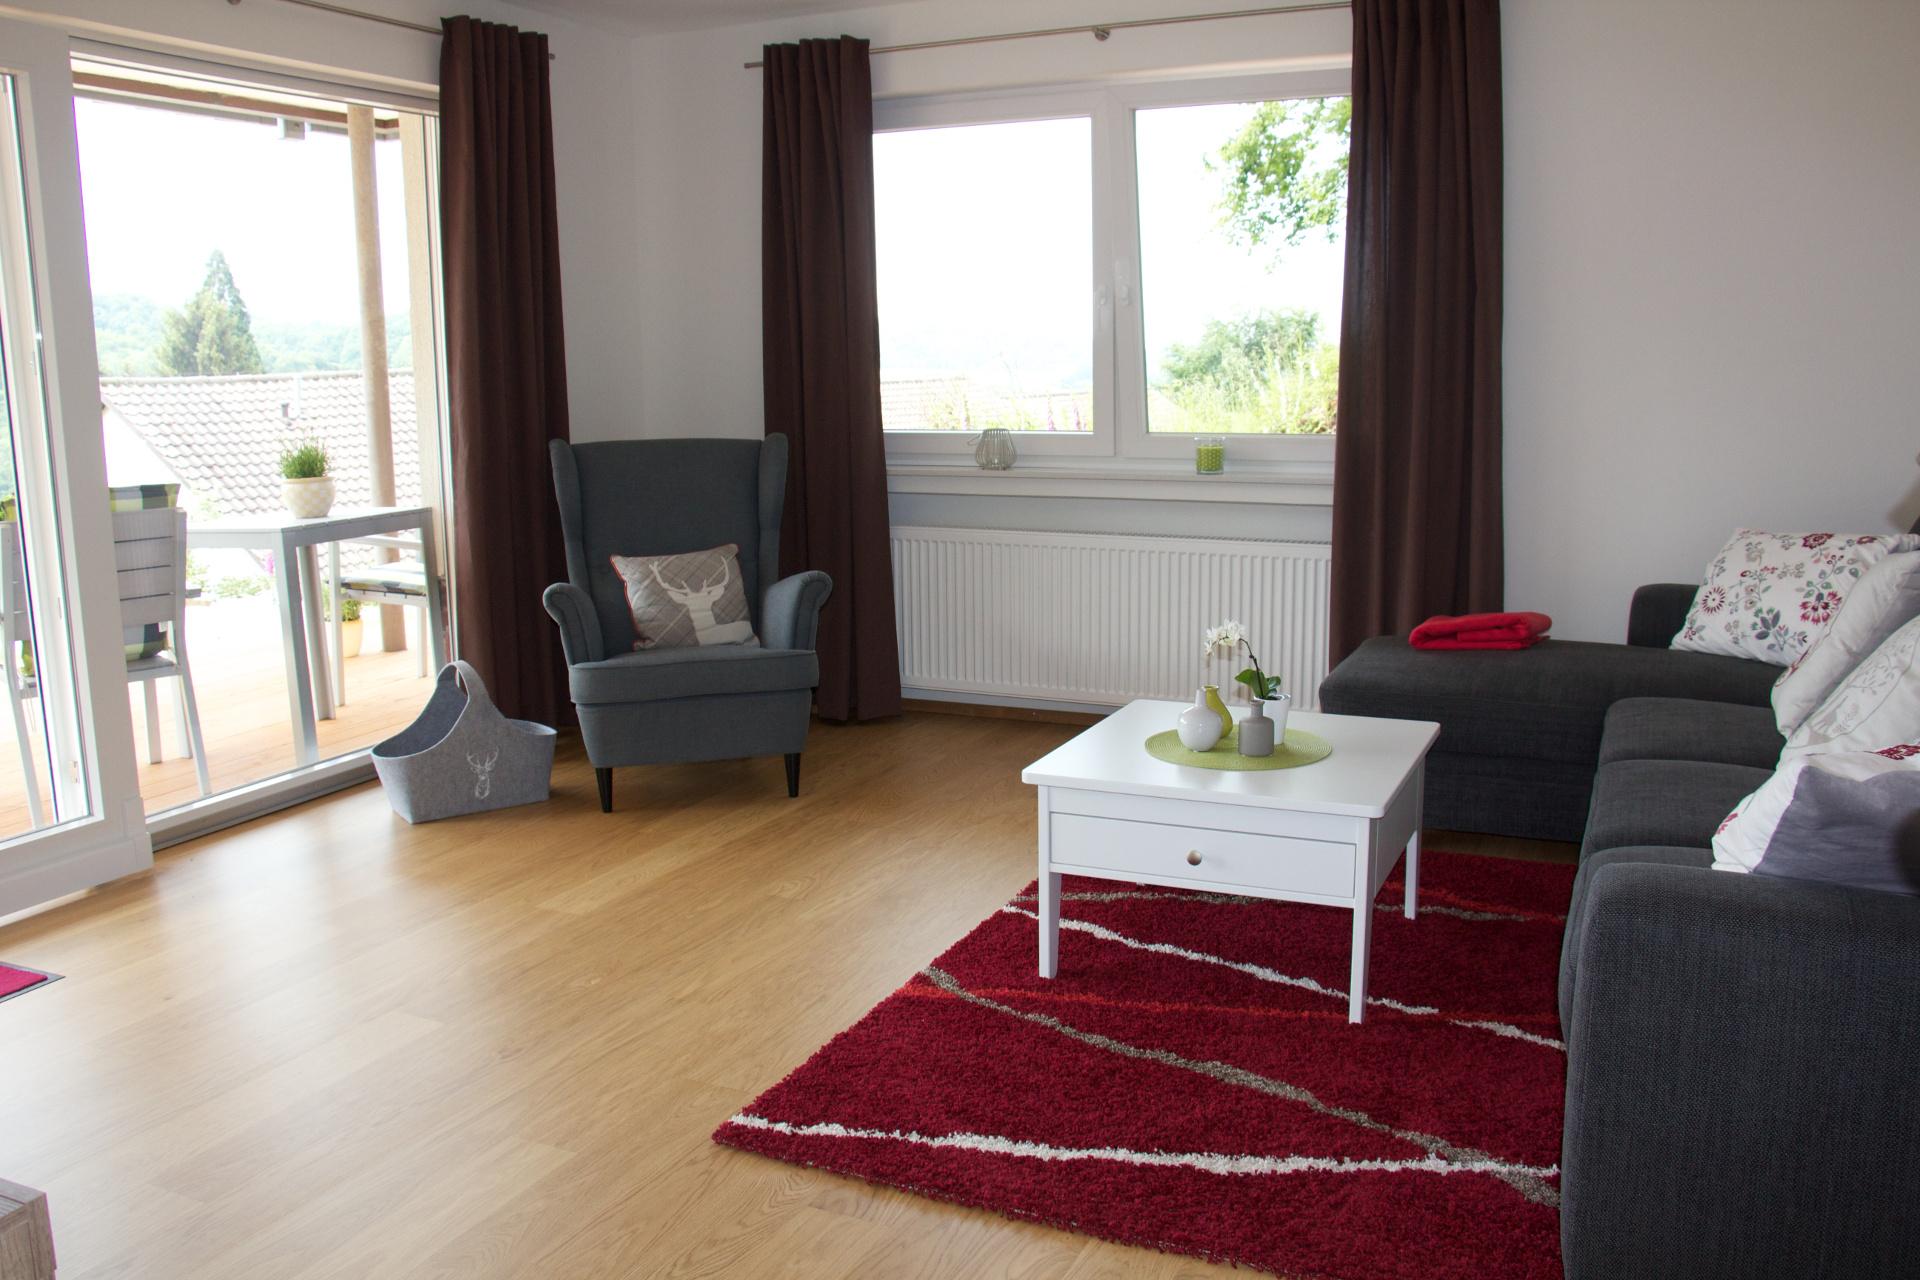 ferienwohnung kist sasbachwalden bilder der und informationen zur ferienwohnung. Black Bedroom Furniture Sets. Home Design Ideas